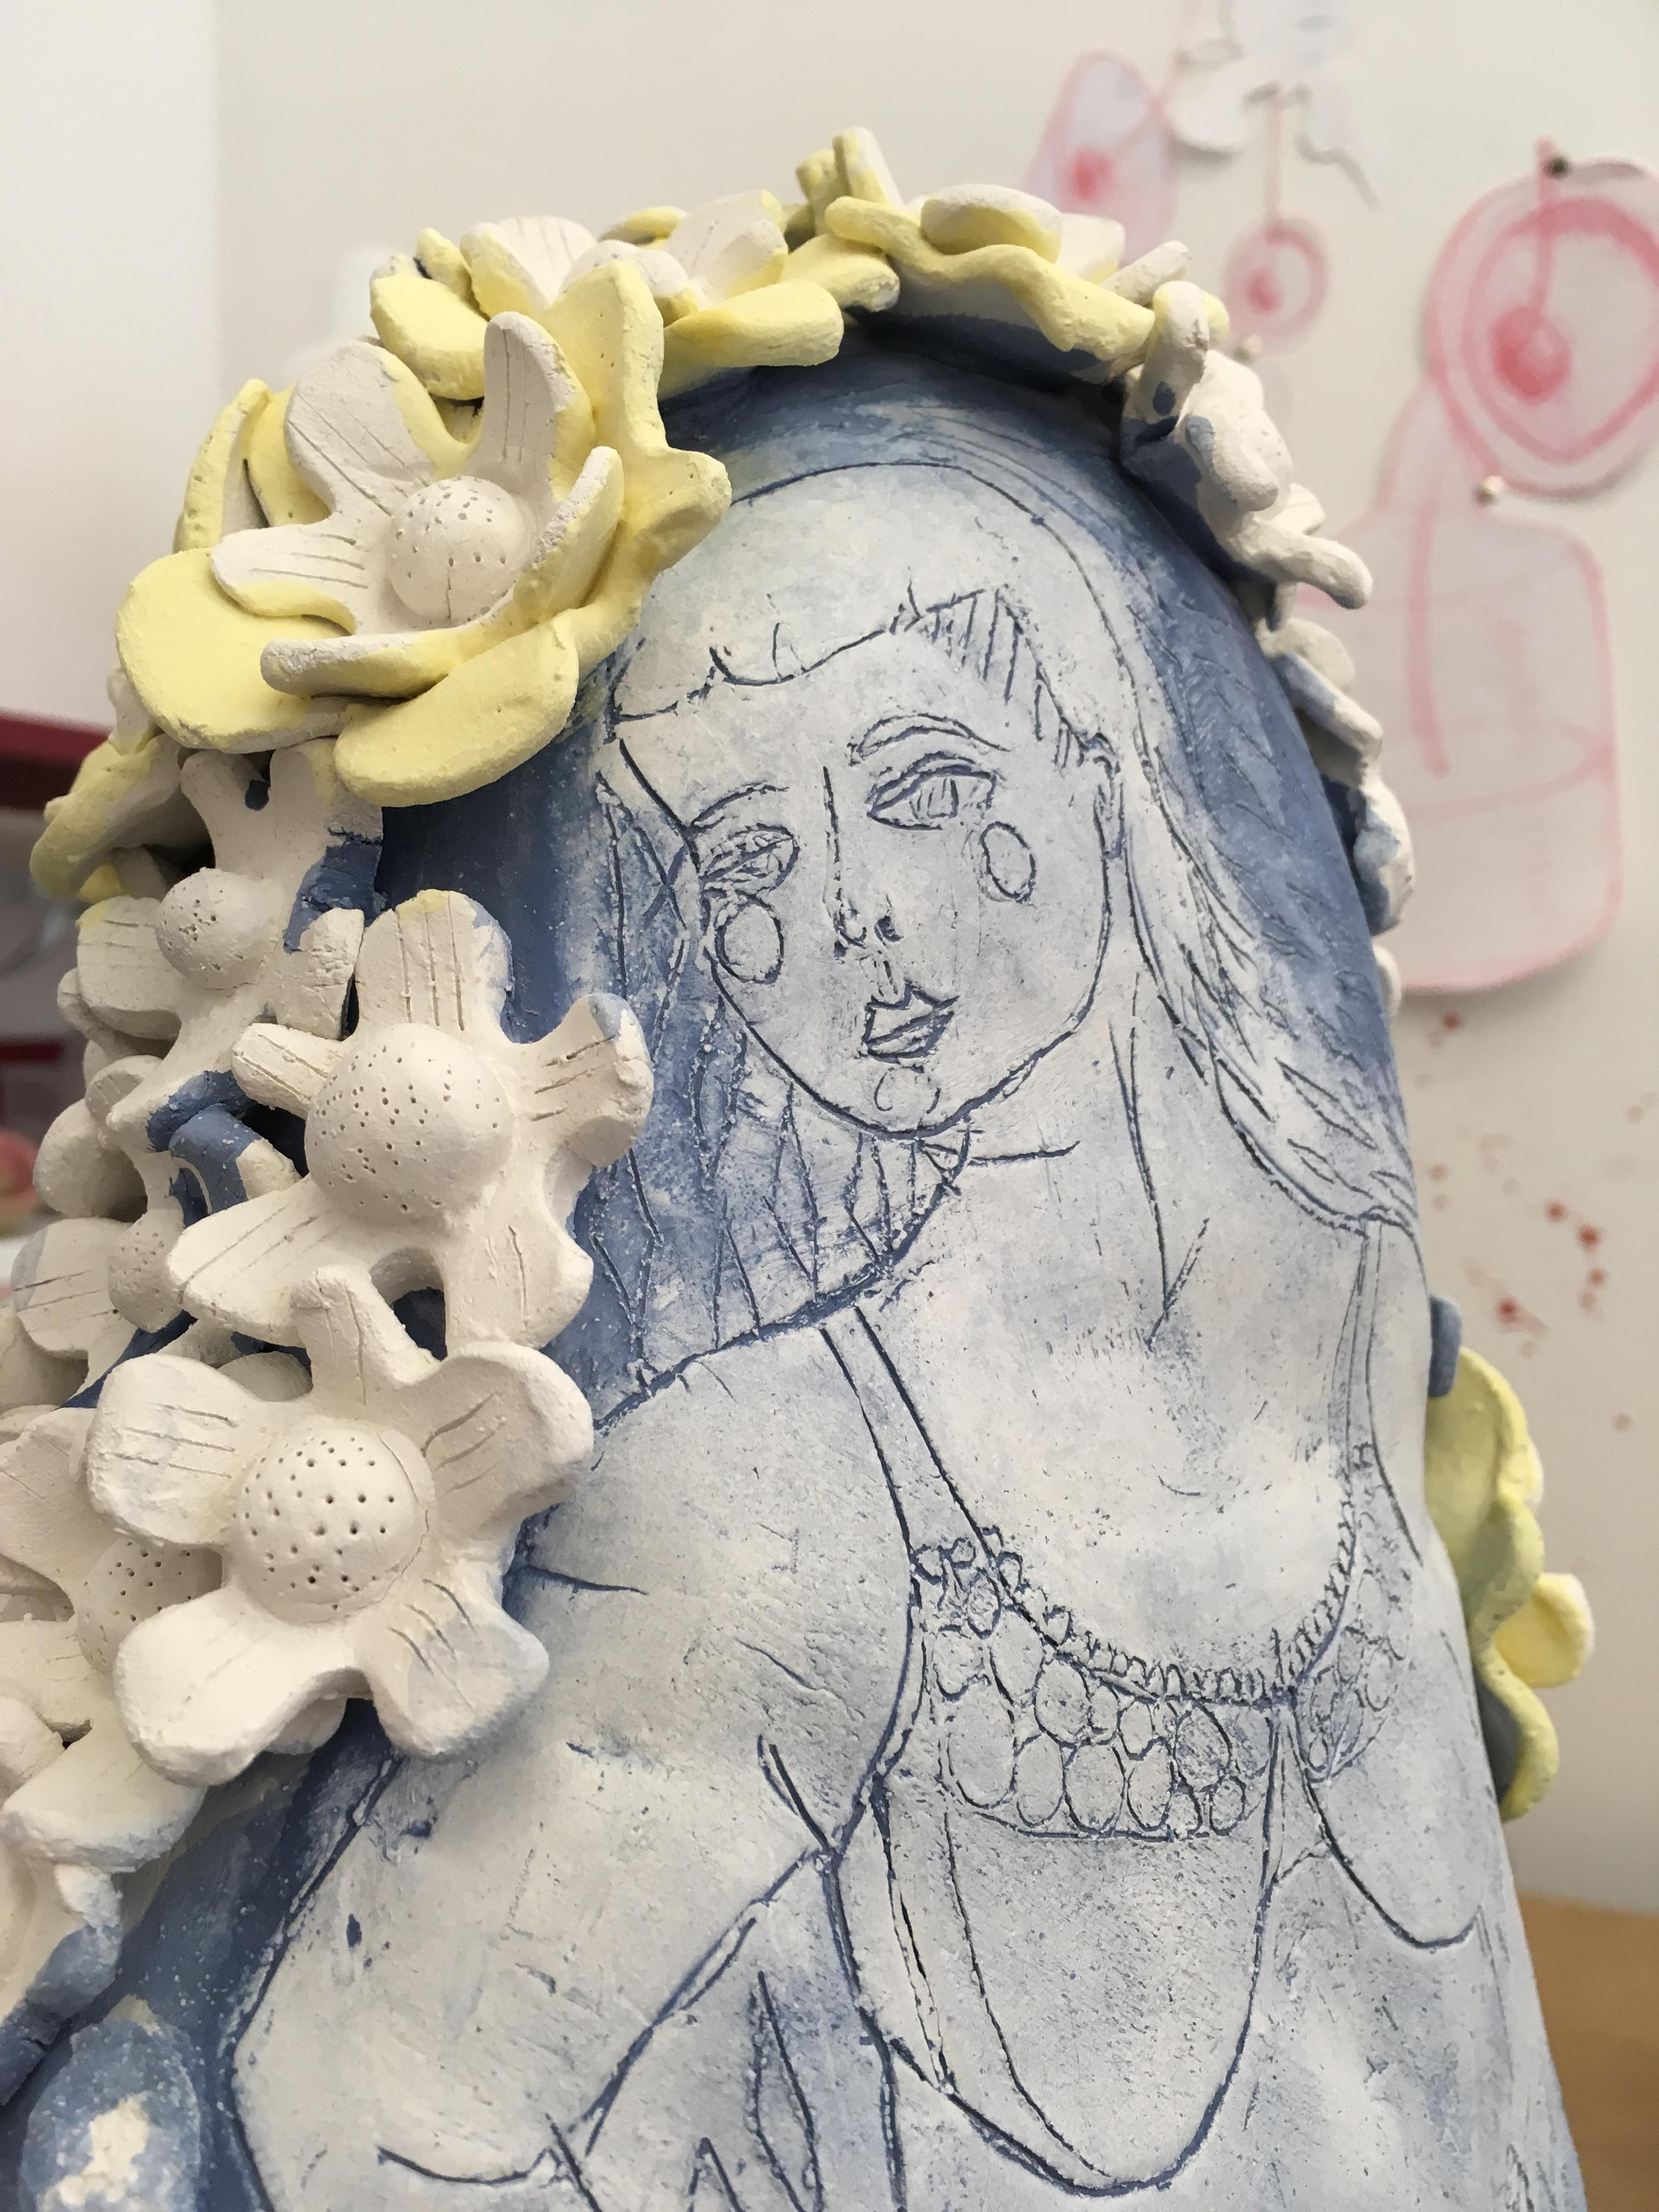 Ceramic Juices - Contemporary Clay Course